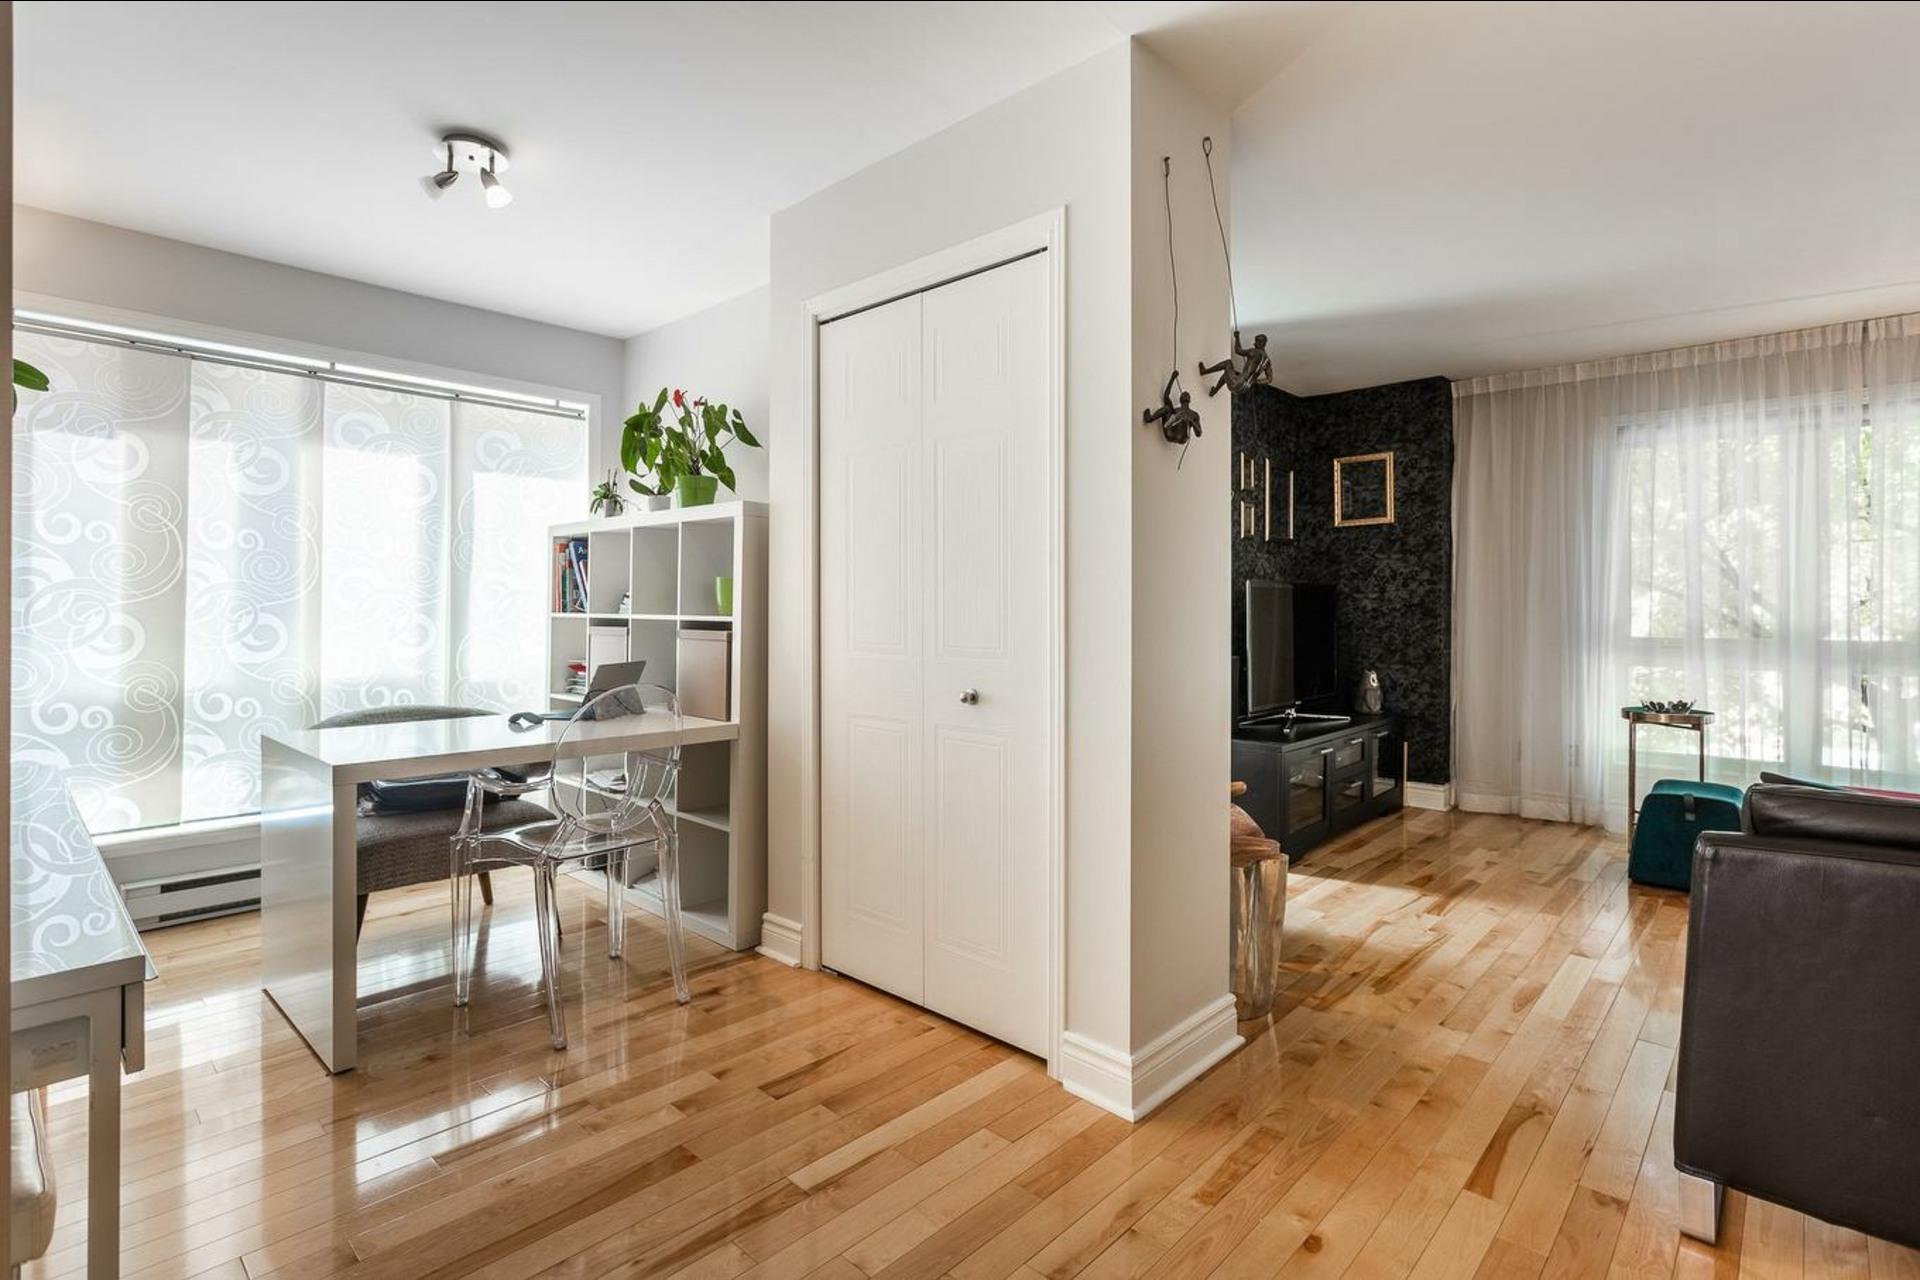 image 5 -  -  - Montréal  (Rosemont—La Petite-Patrie) - 1 室